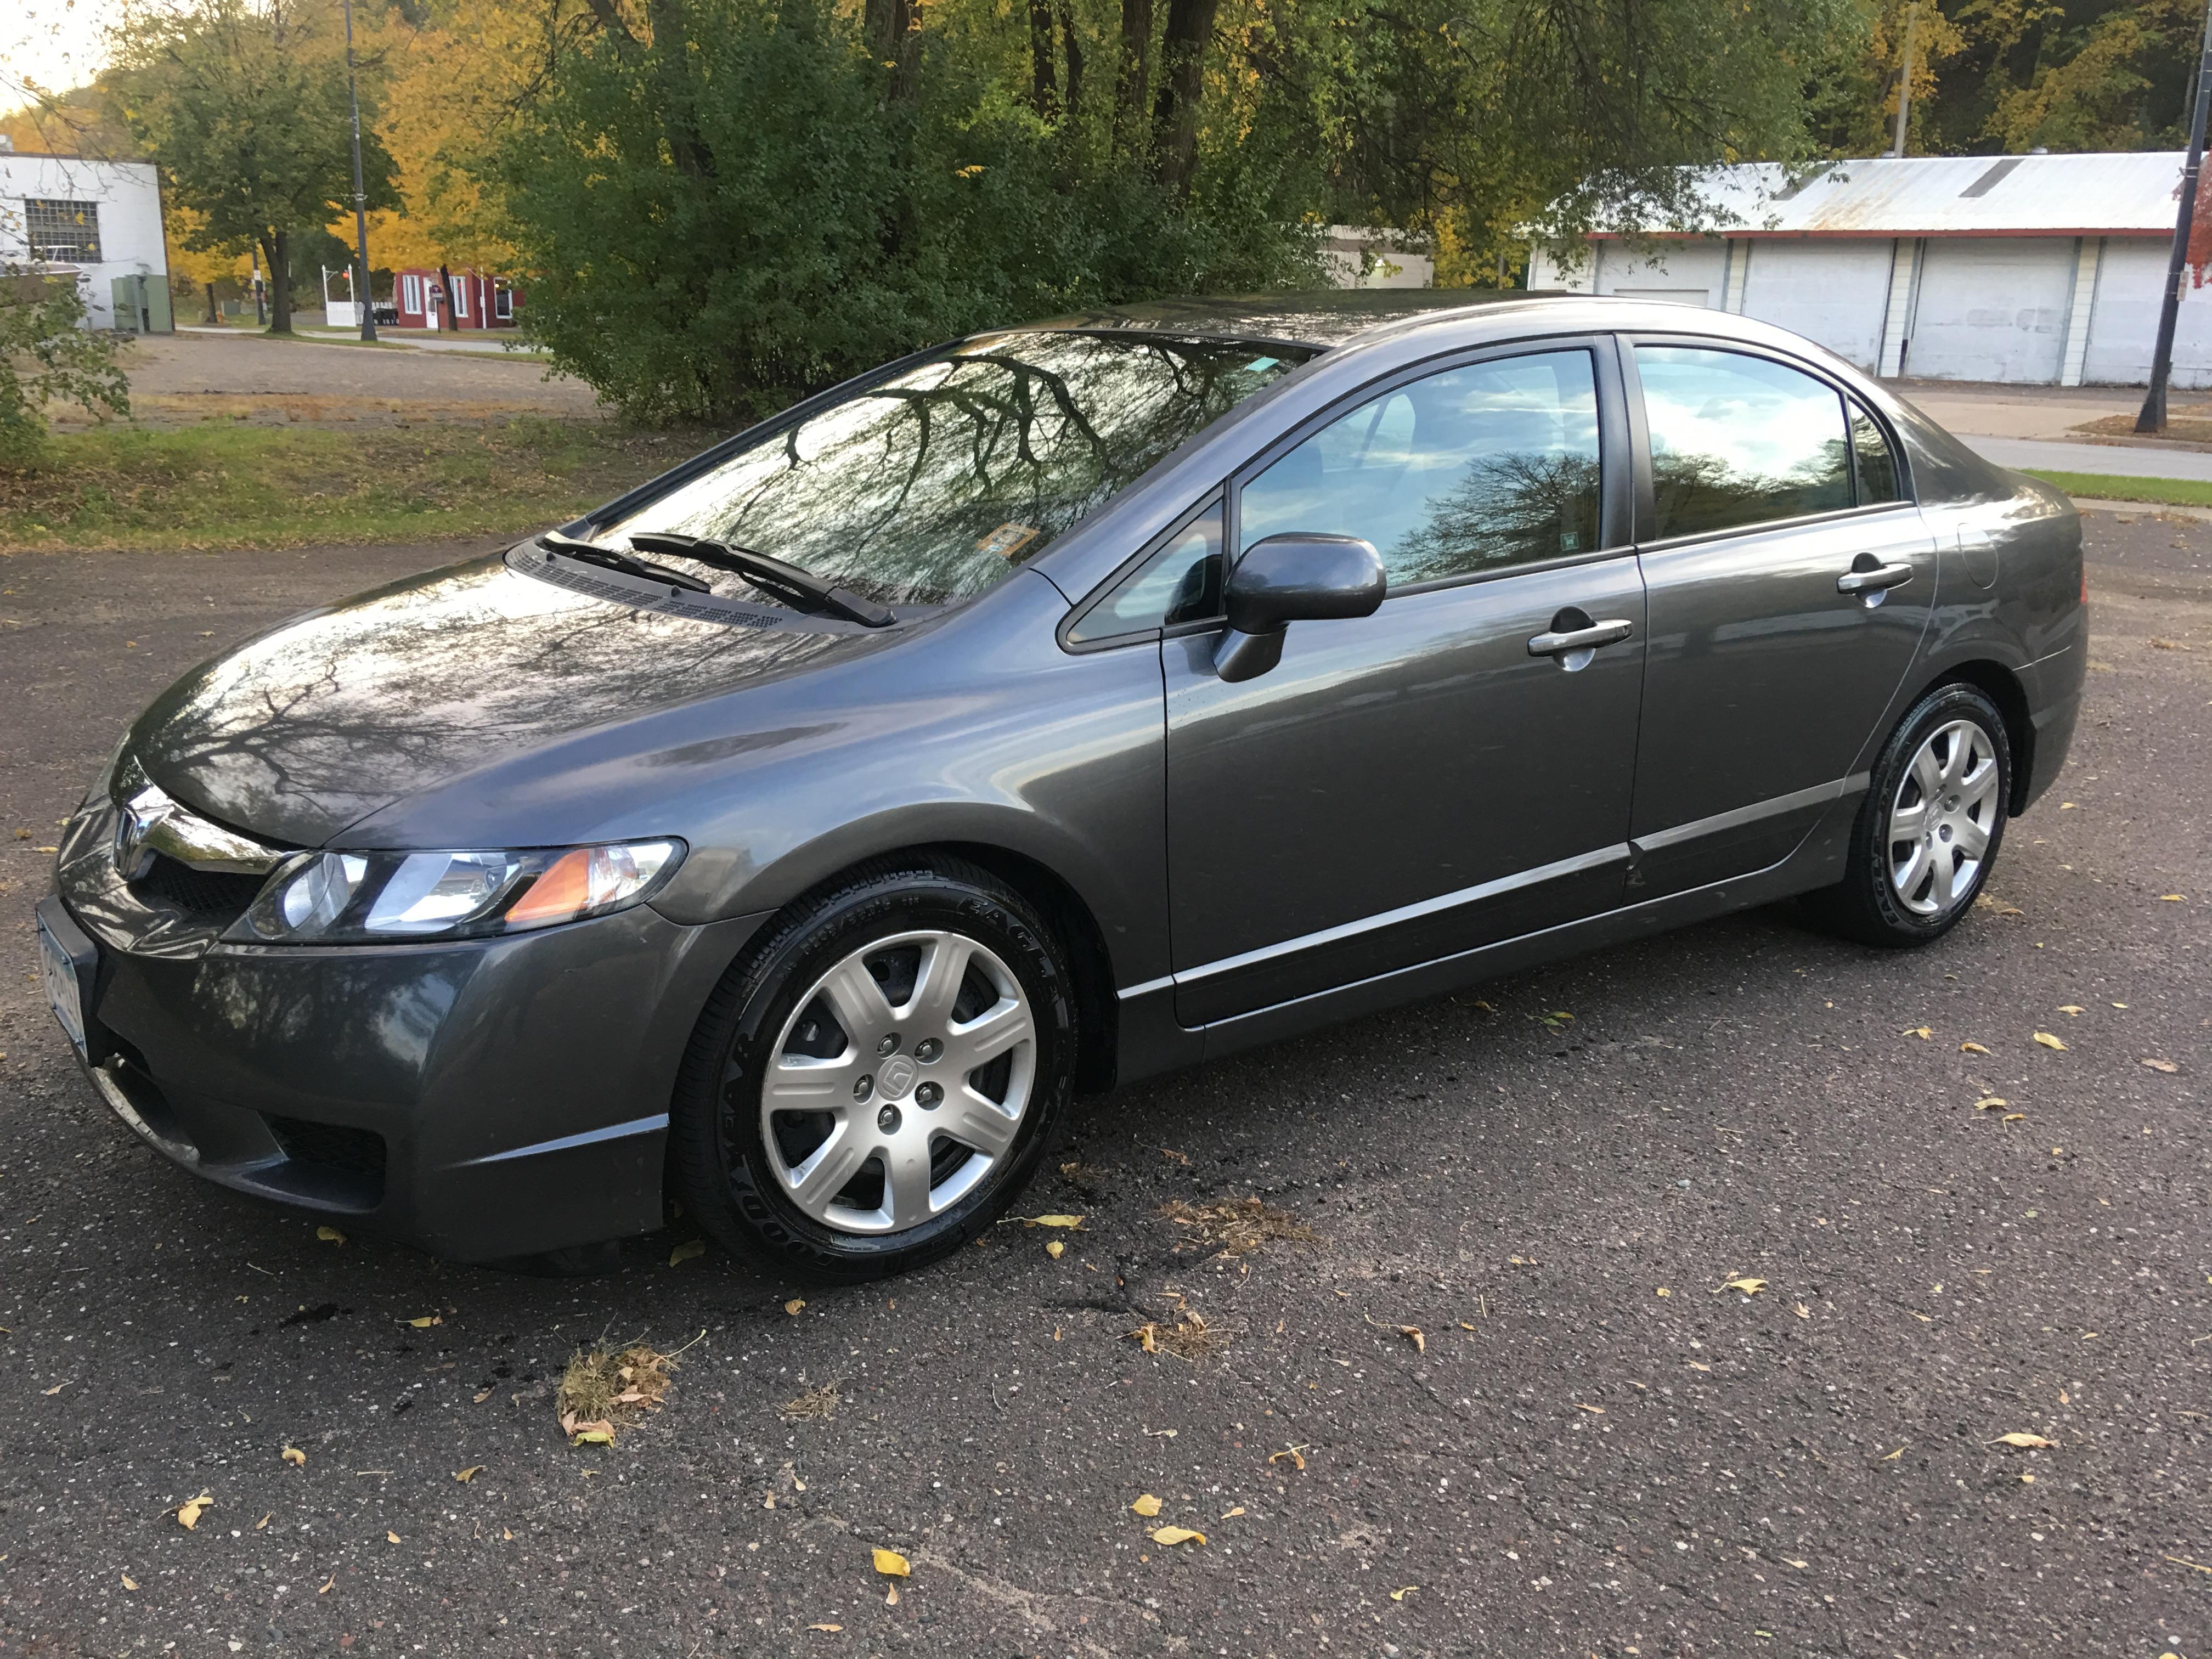 2010 Honda Civic LX 30+mpg